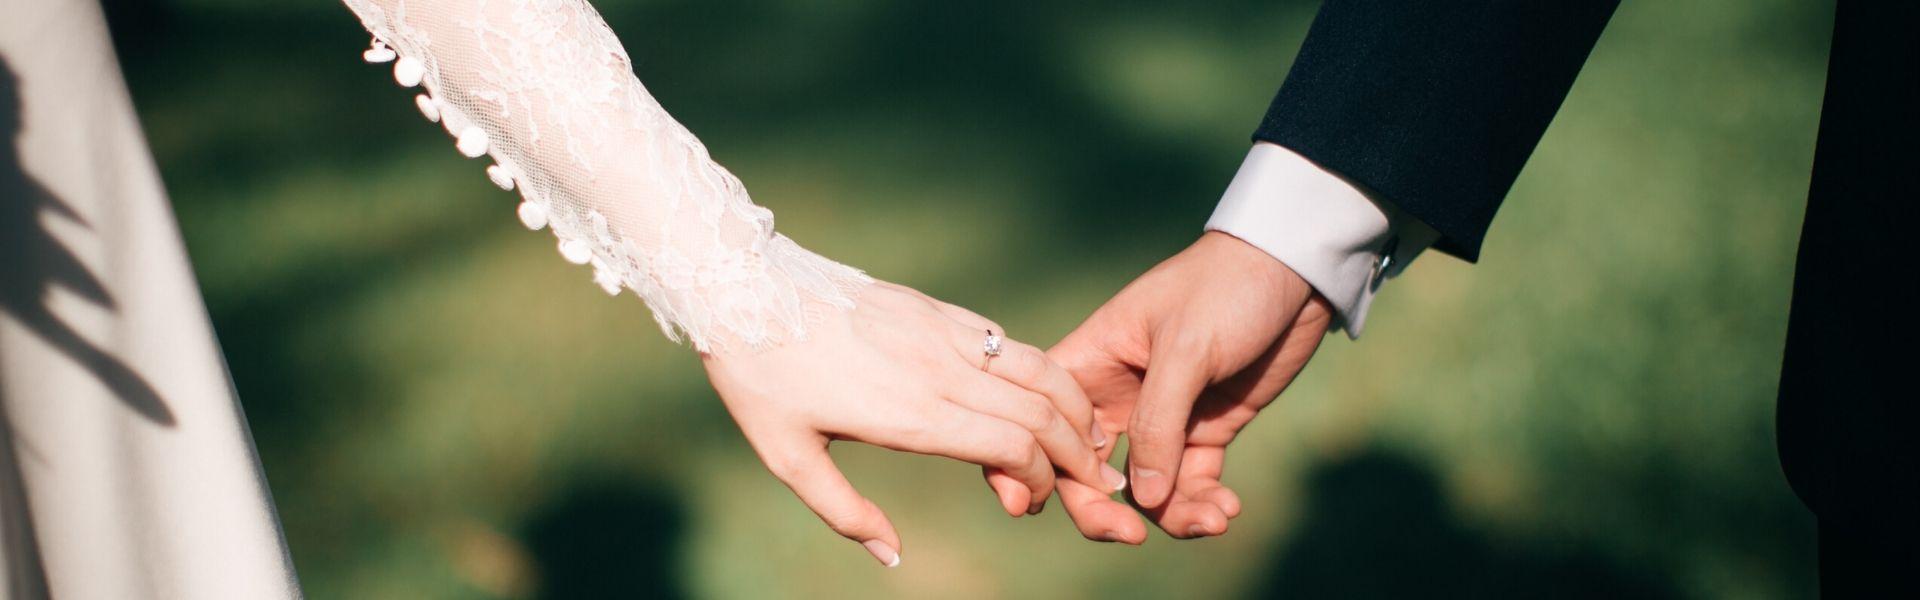 Idea boda. Vive un día mágico